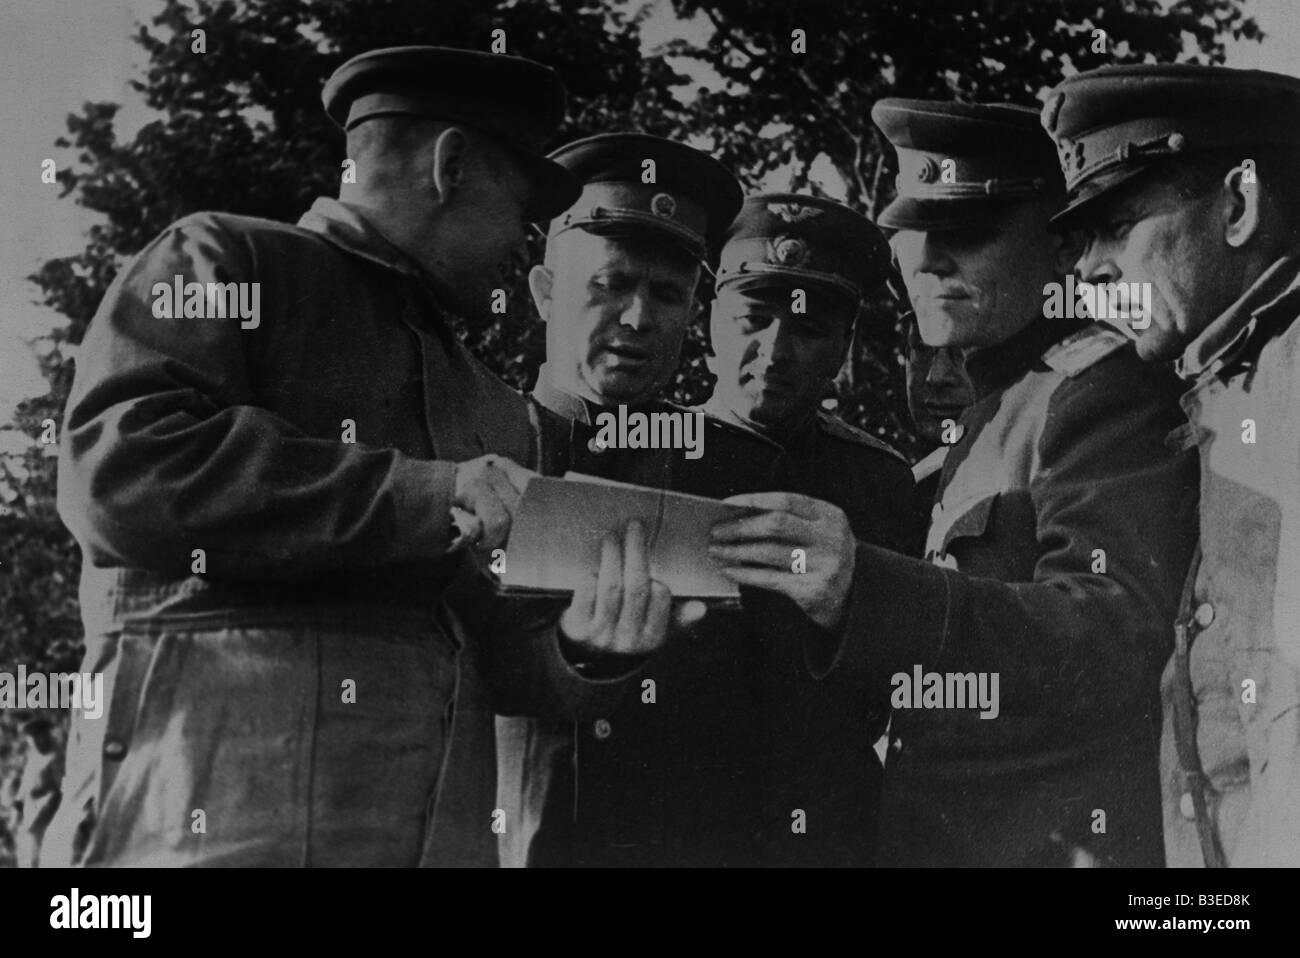 Khrushchev as General Leutenant / Front - Stock Image